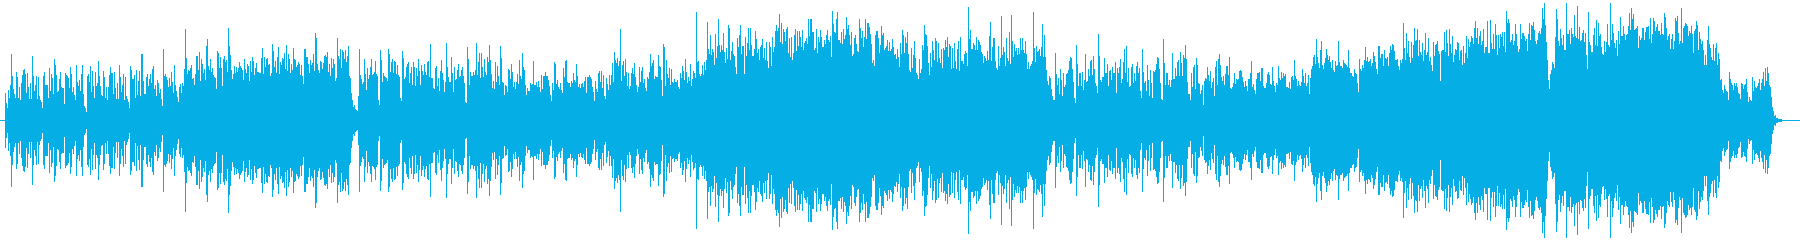 中華・中国・和・華やかな曲の再生済みの波形